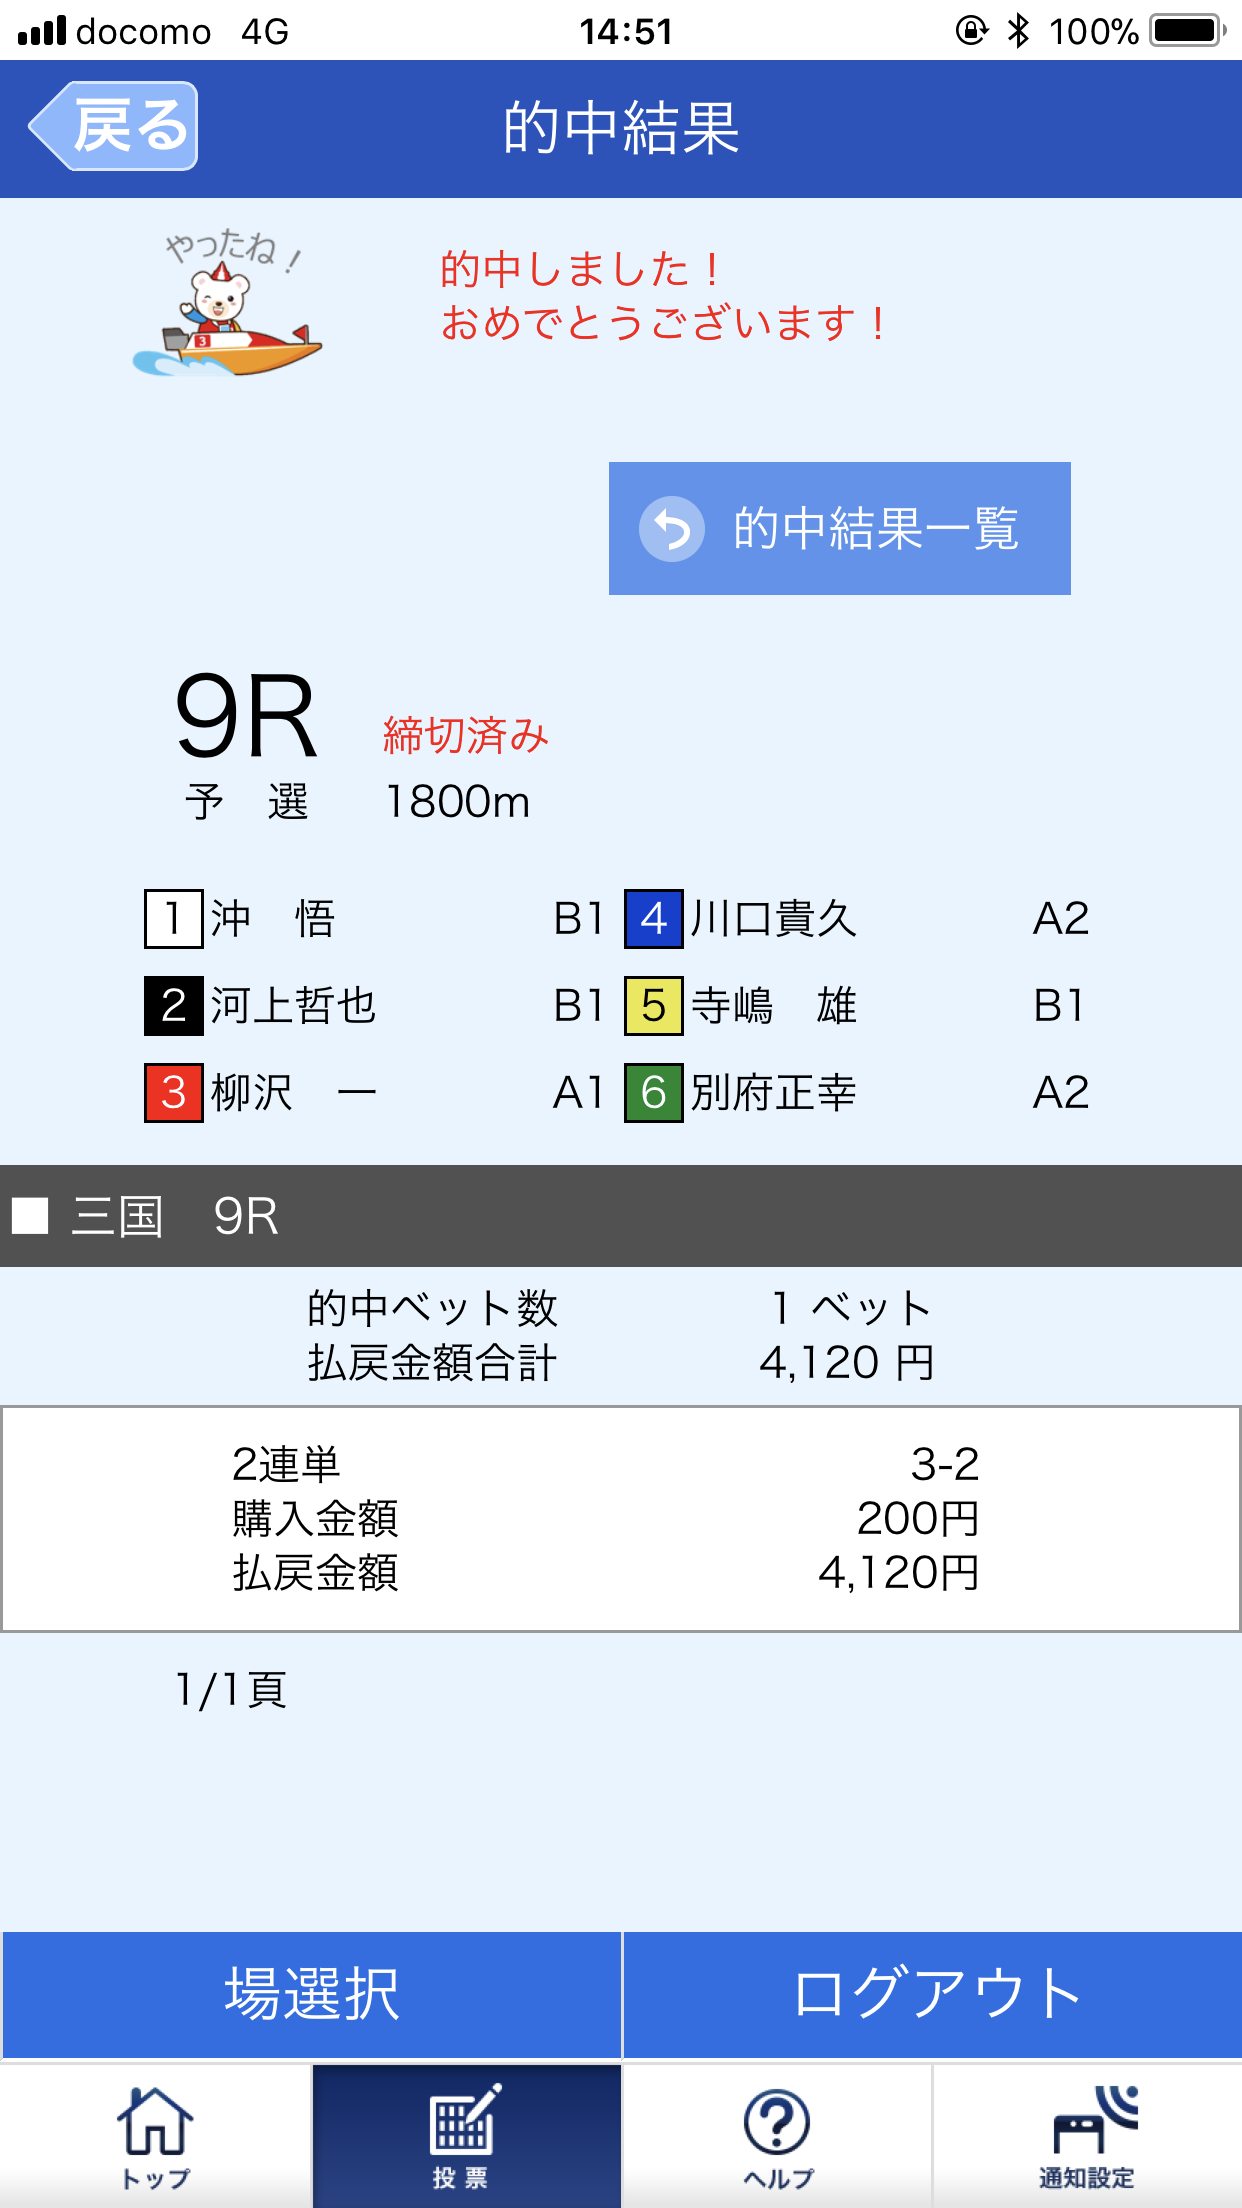 D2801FD8-F014-49A7-8D95-583BDD17F321.png